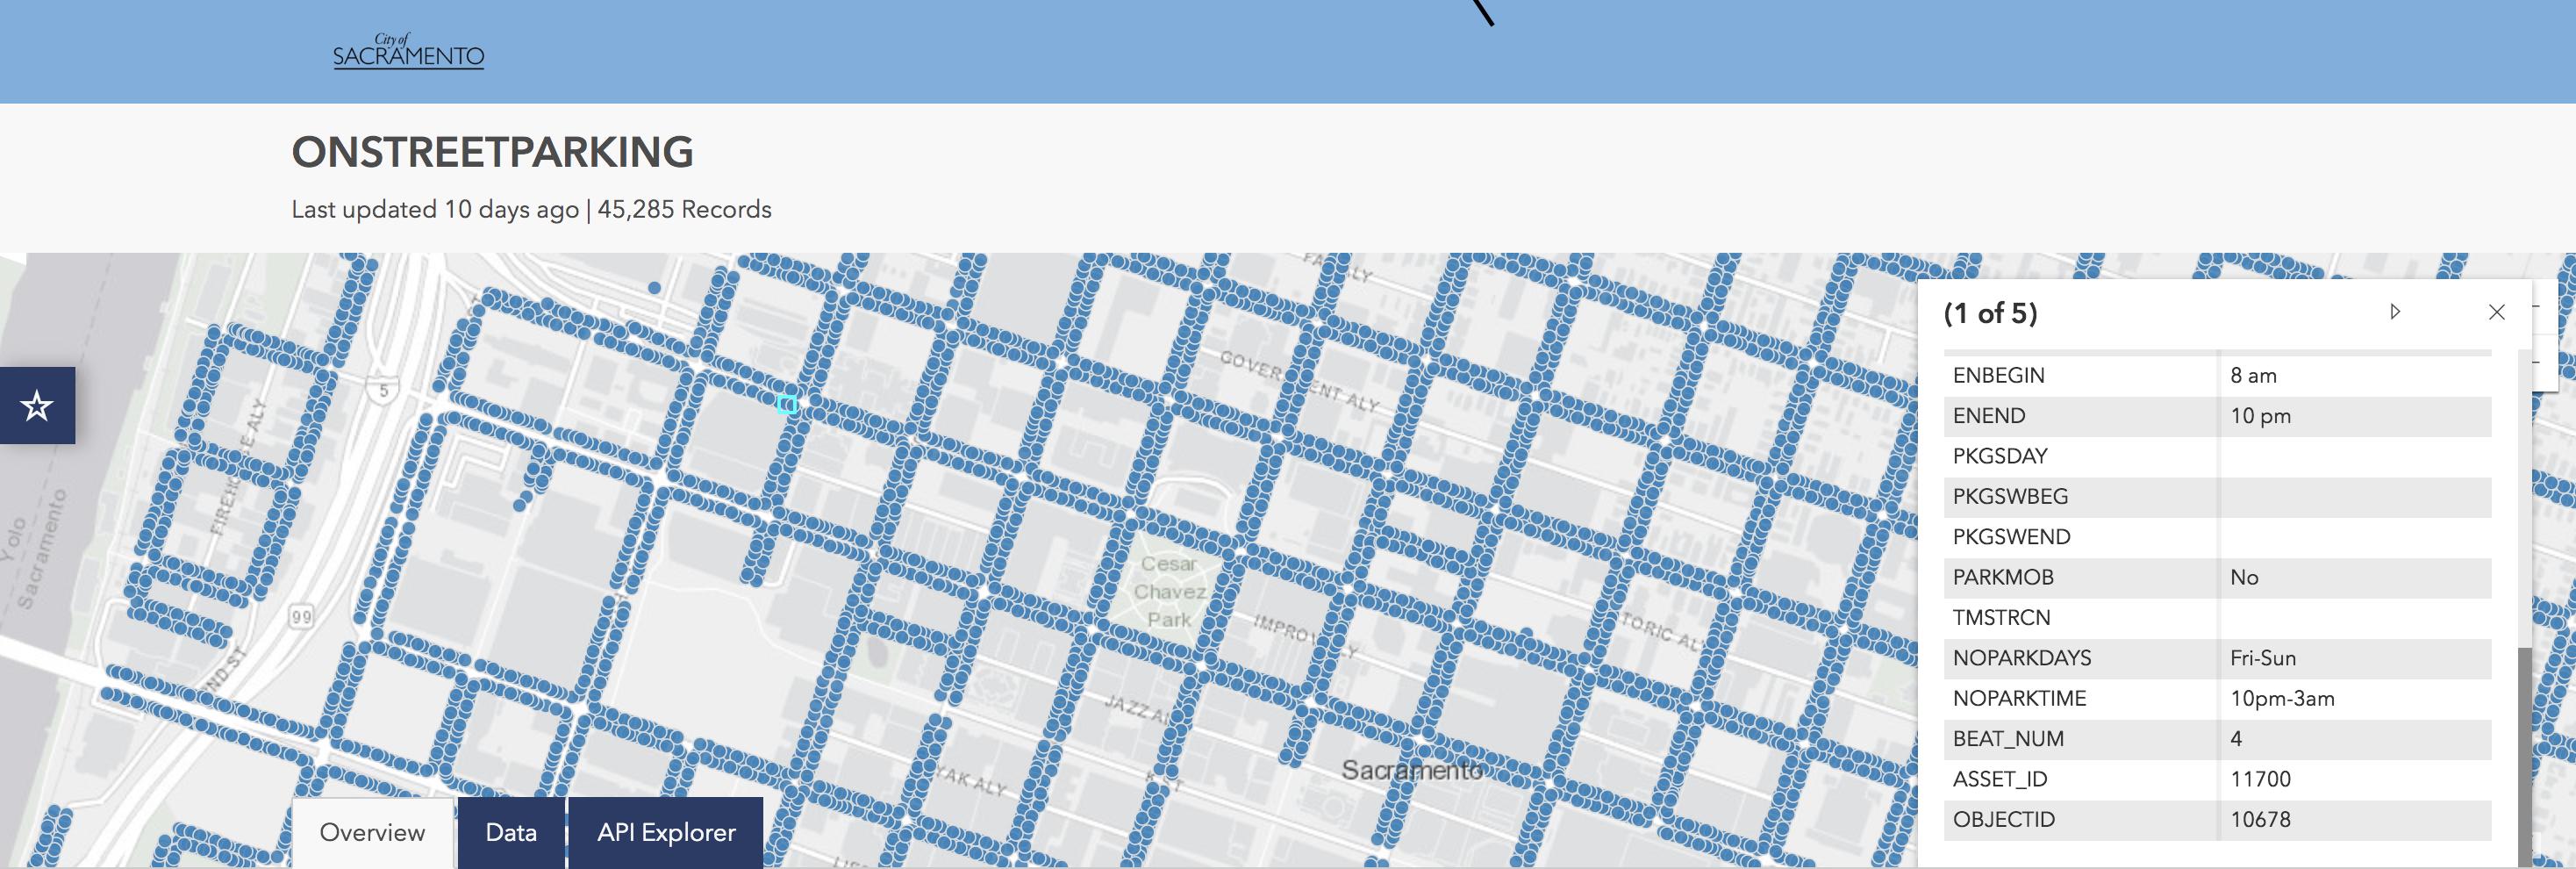 opendataportal